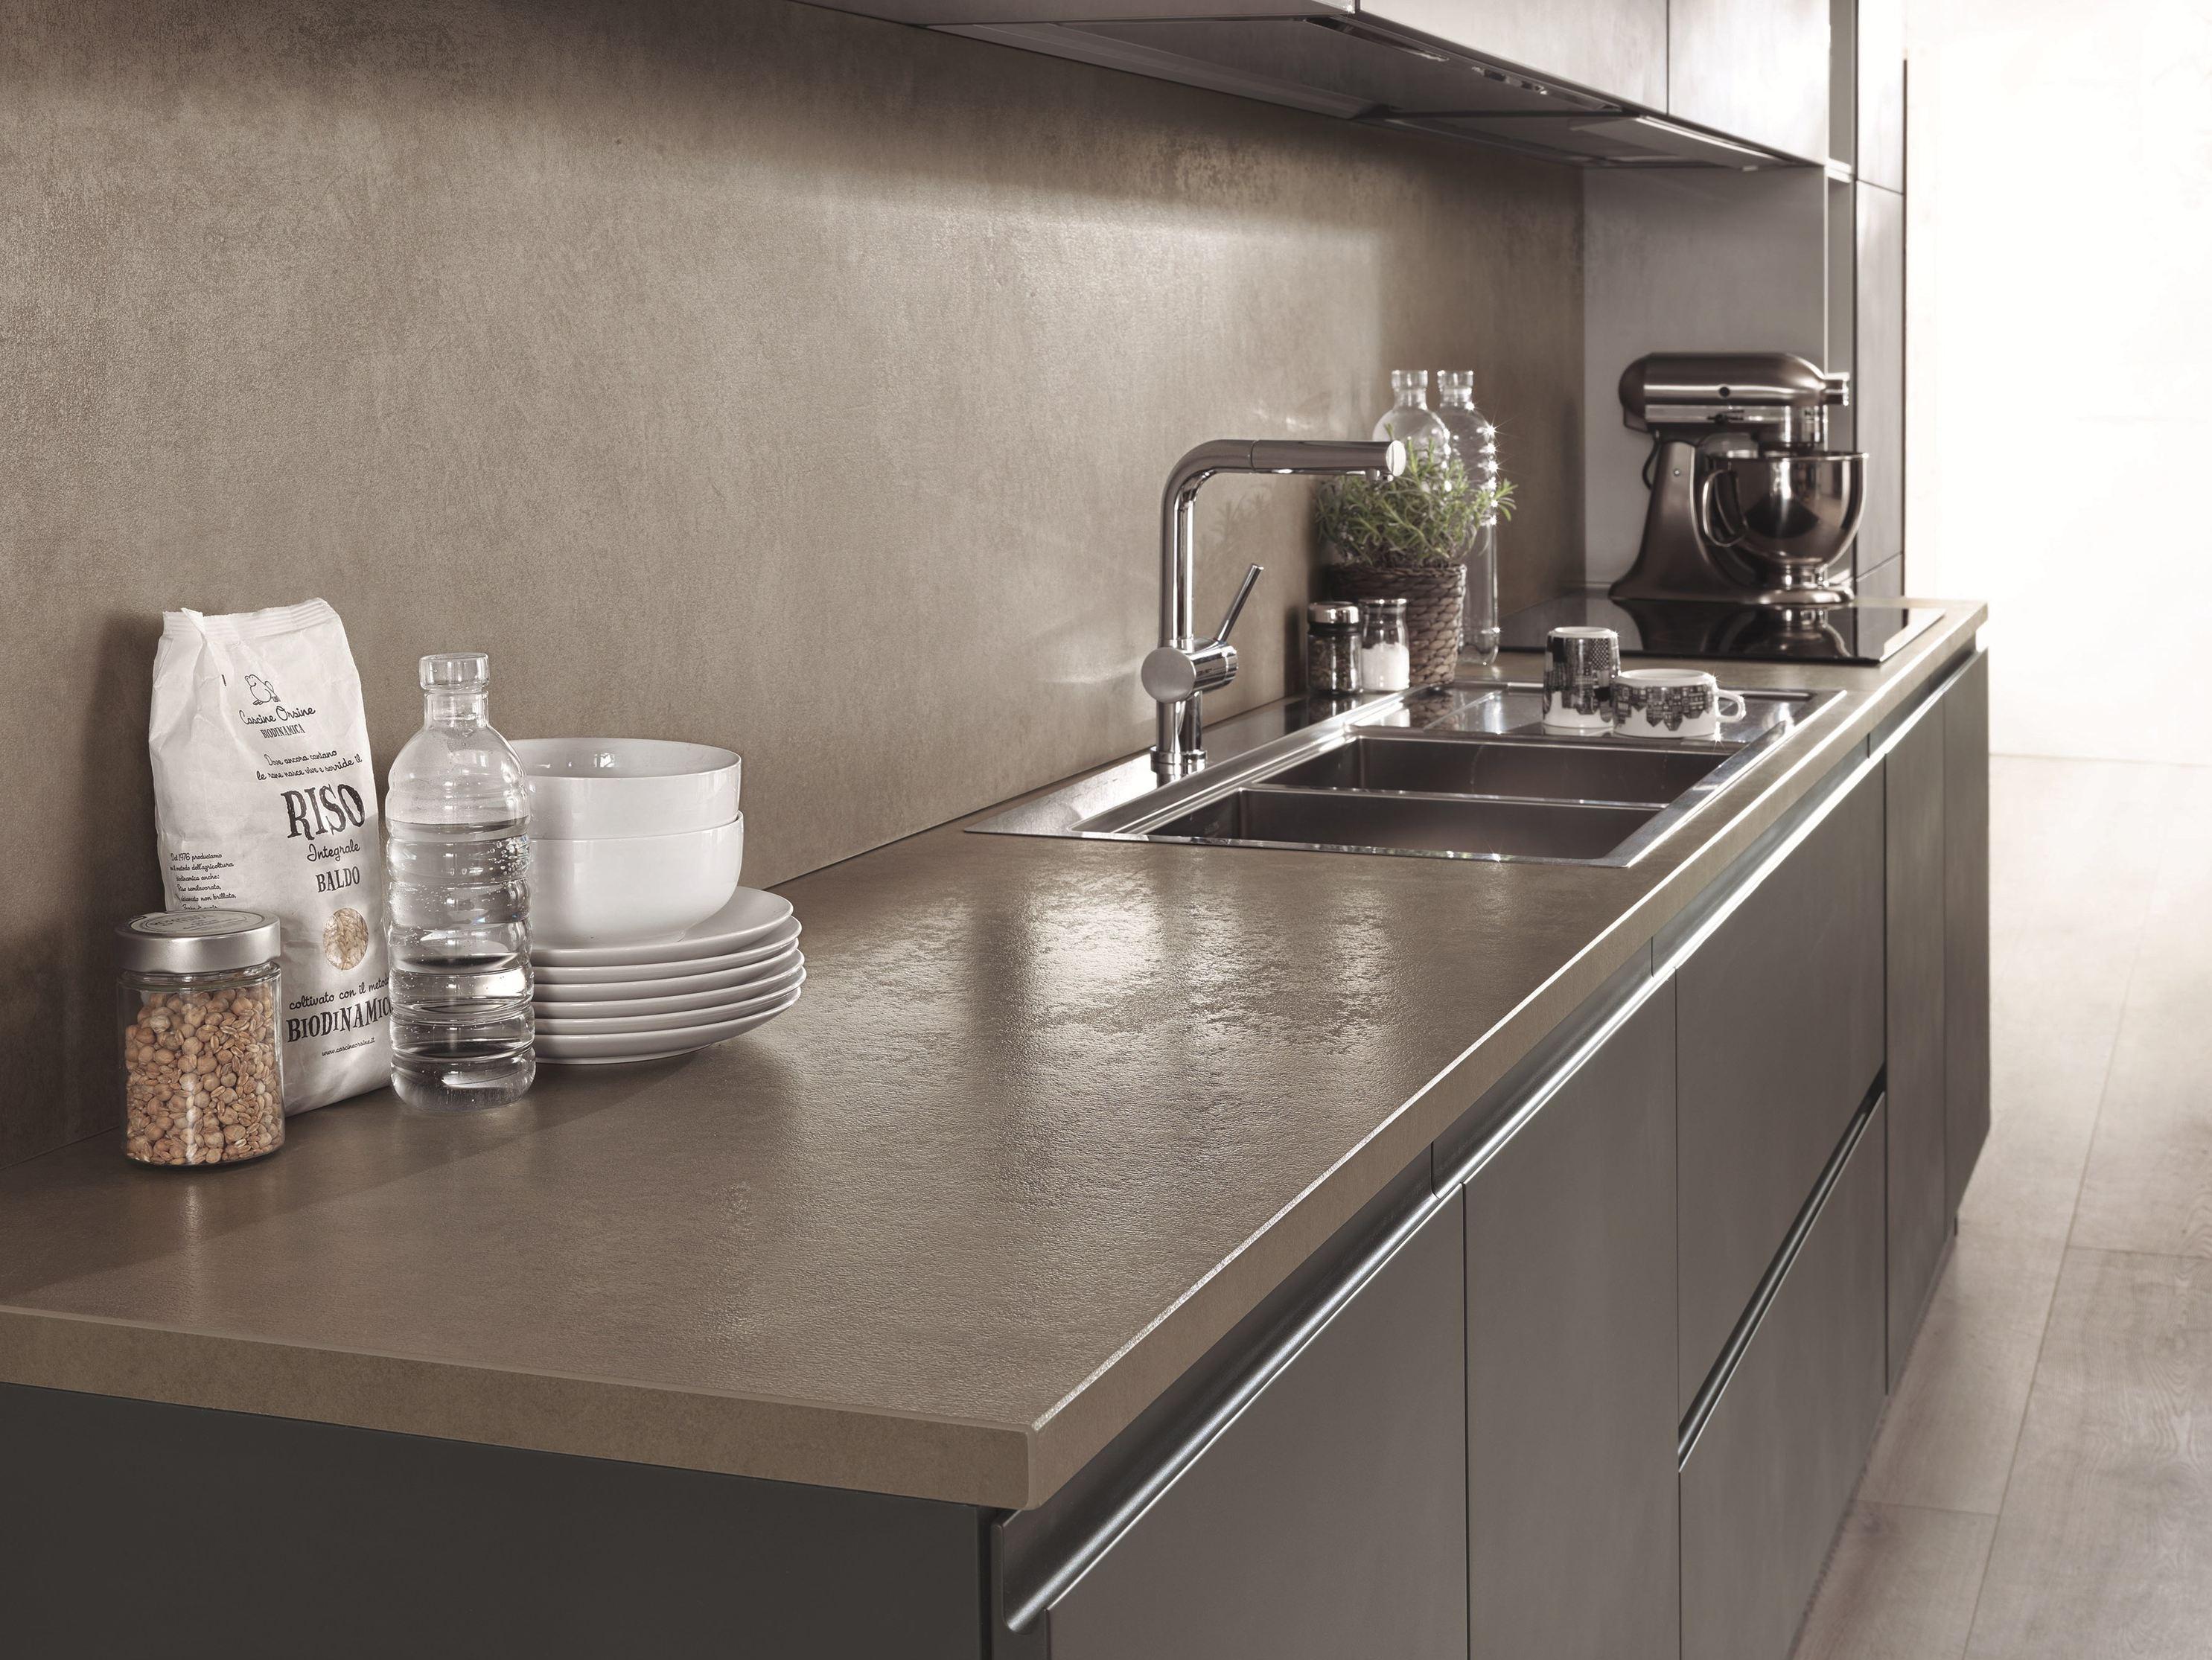 Top per cucine in travertino: top in marmo per cucina genova ...